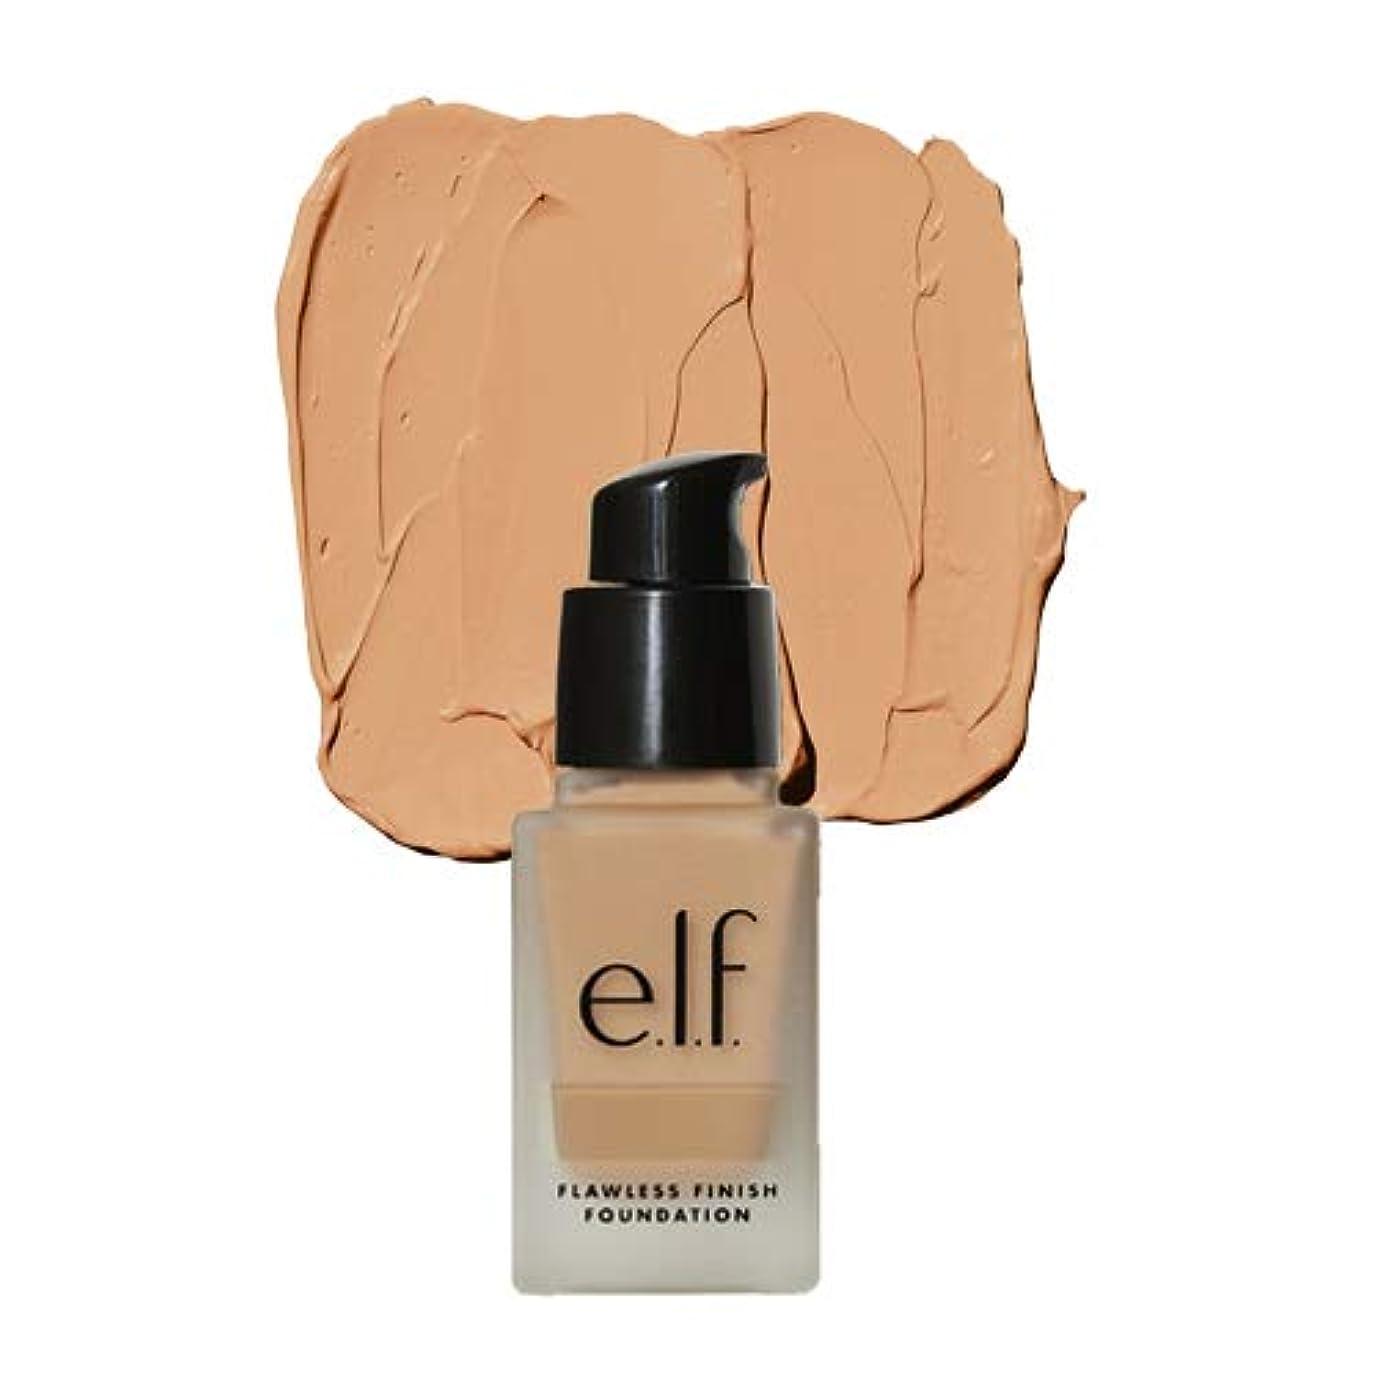 ラフ耕す生きている(3 Pack) e.l.f. Oil Free Flawless Finish Foundation - Toffee (並行輸入品)